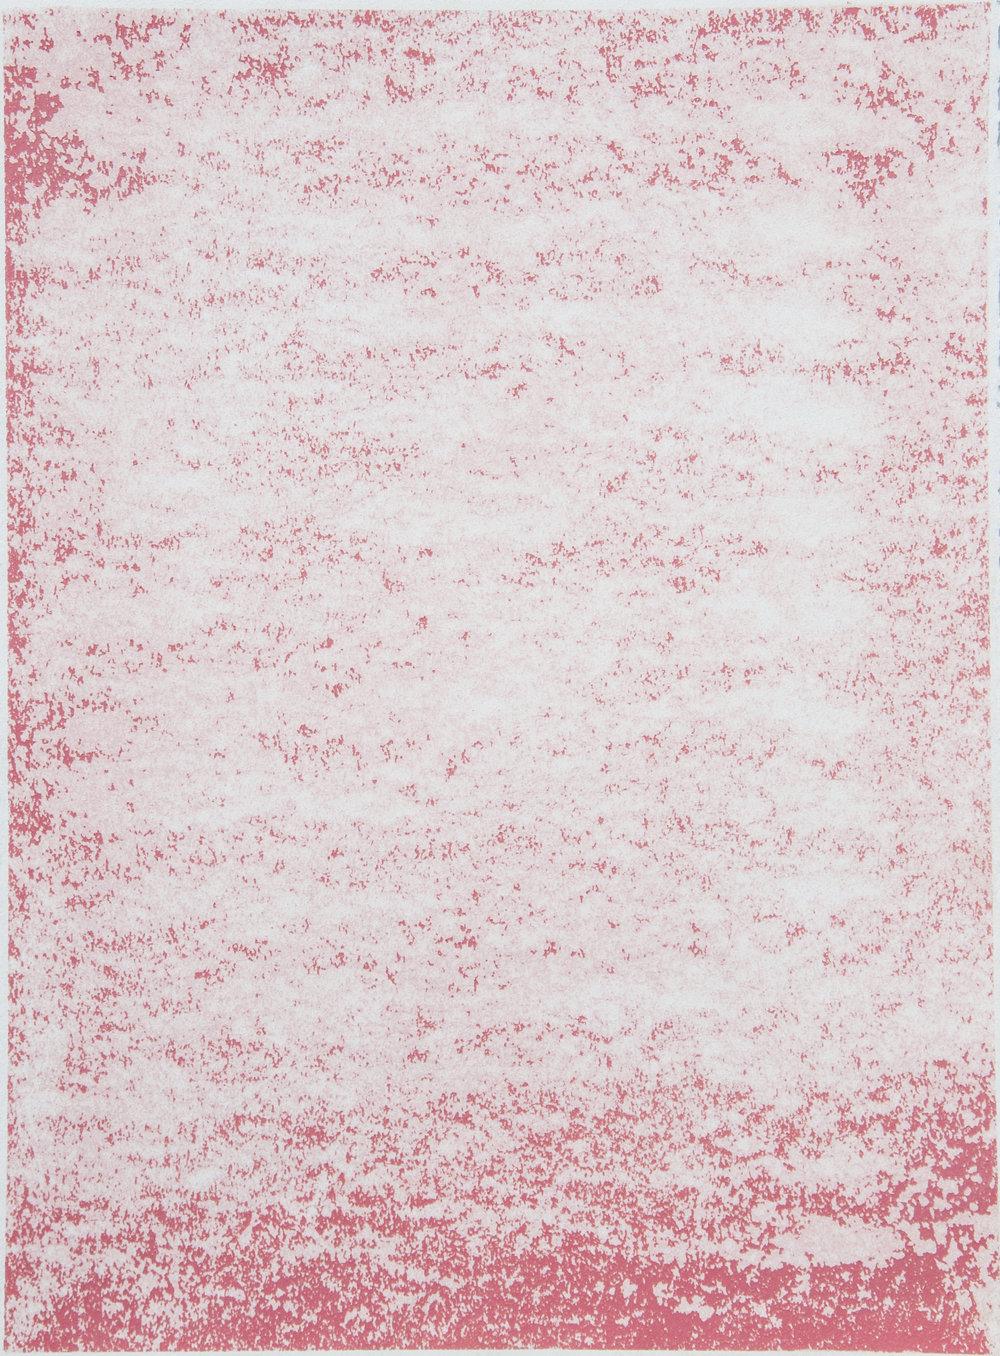 Pink Mist #1